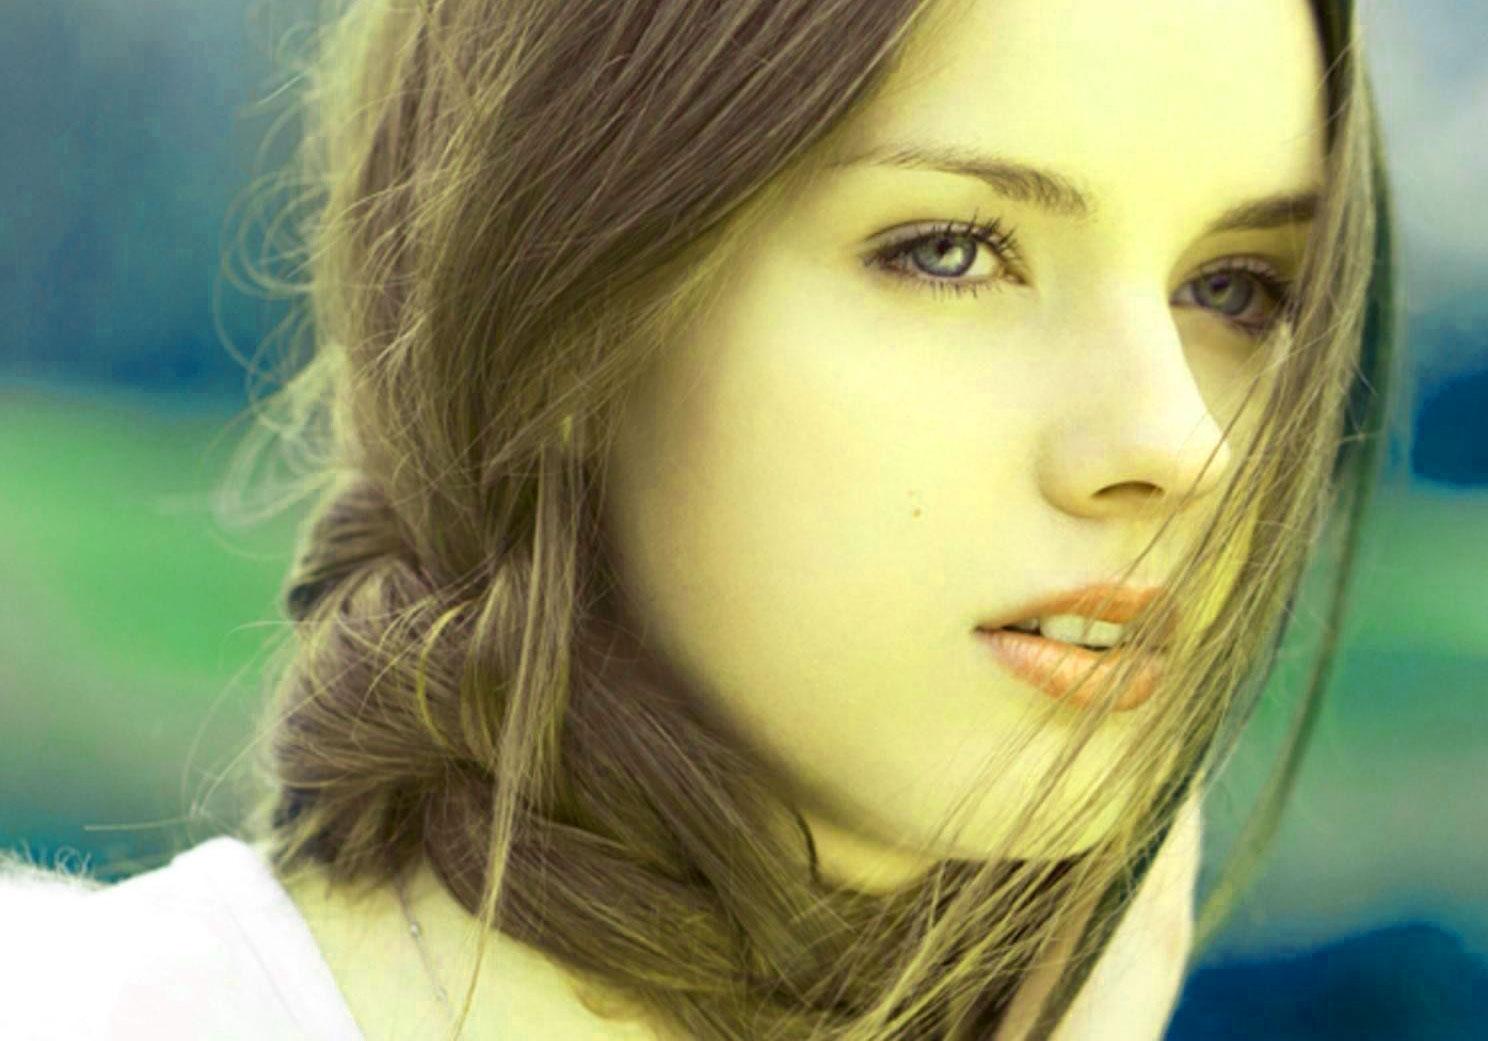 Cute Stylish Beautiful Girls Images Pics